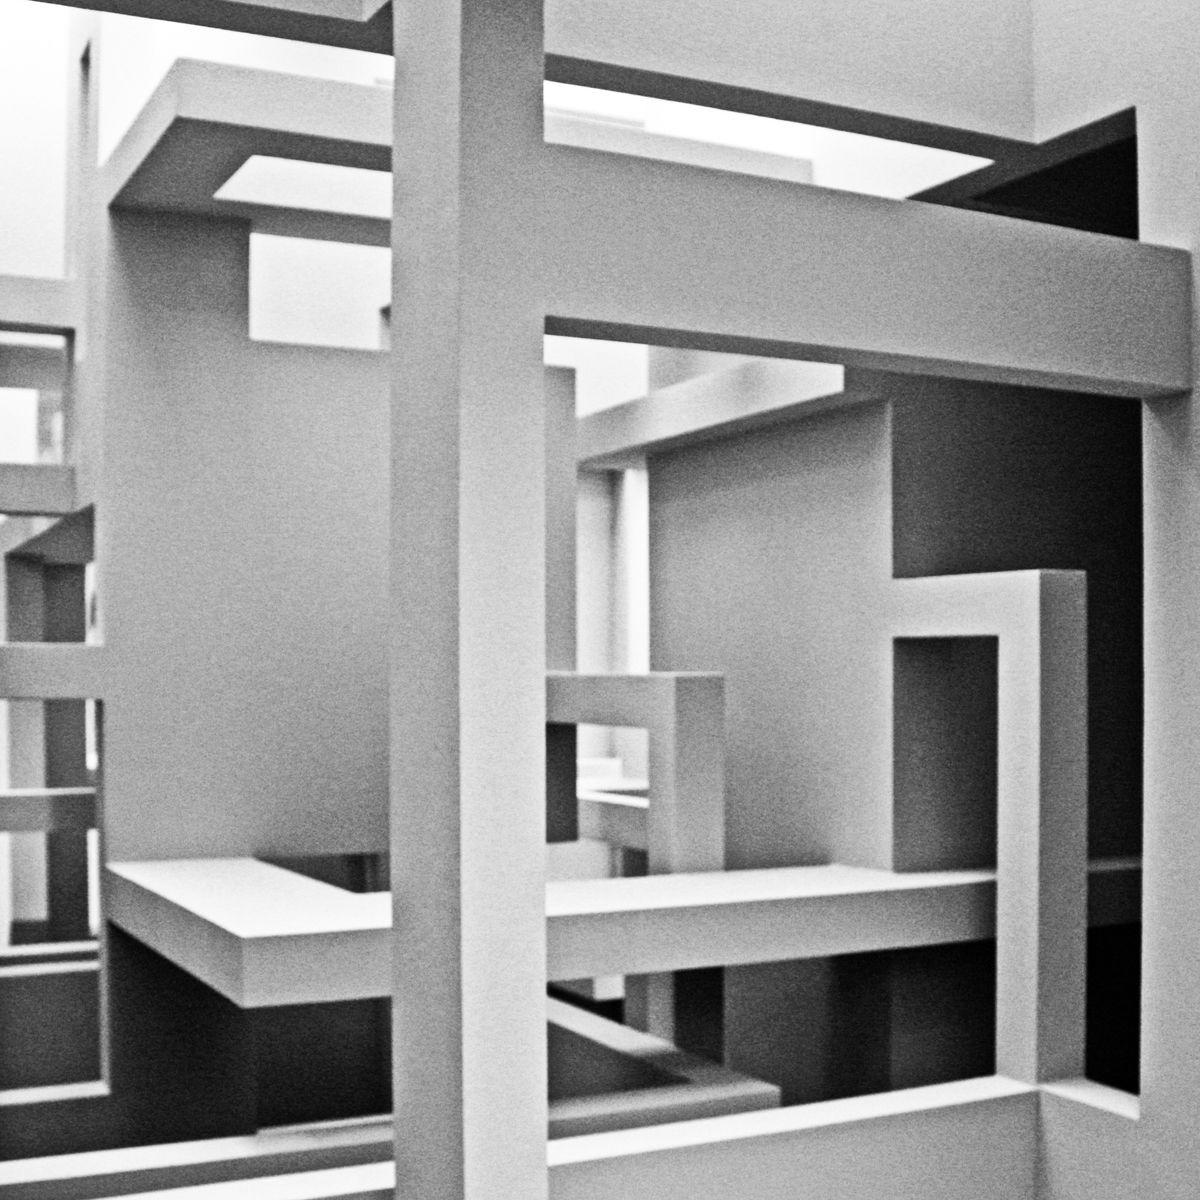 Slohann exposition de stijl the style gemeente for De stijl architettura